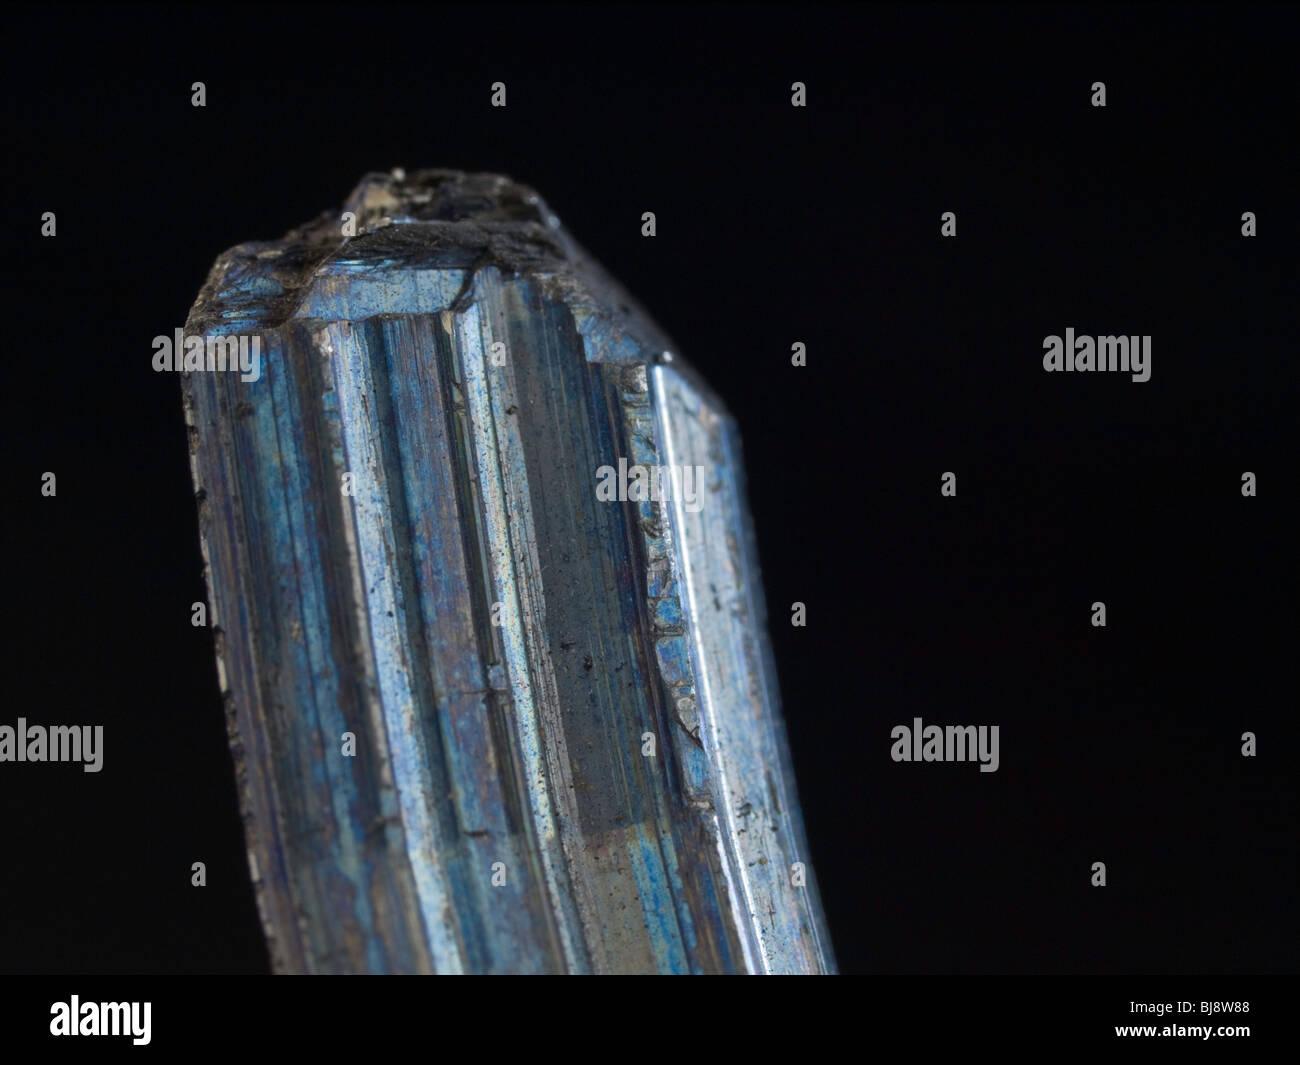 Stibnite - Stock Image